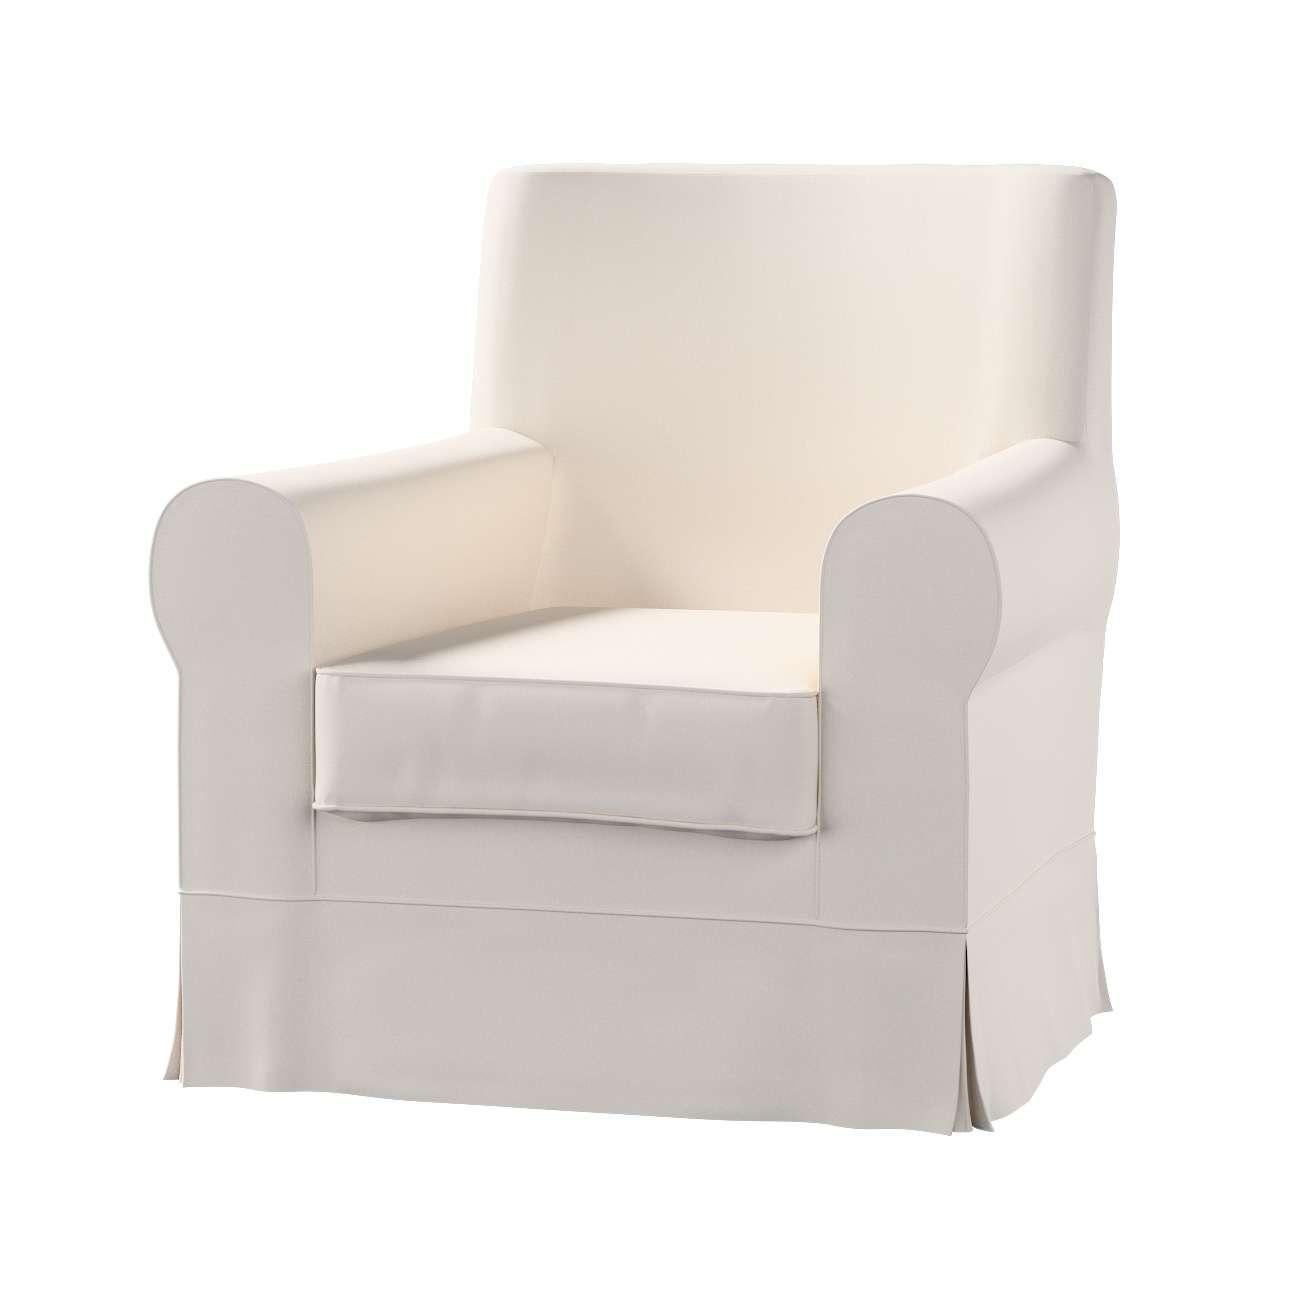 Pokrowiec na fotel Ektorp Jennylund w kolekcji Etna , tkanina: 705-01